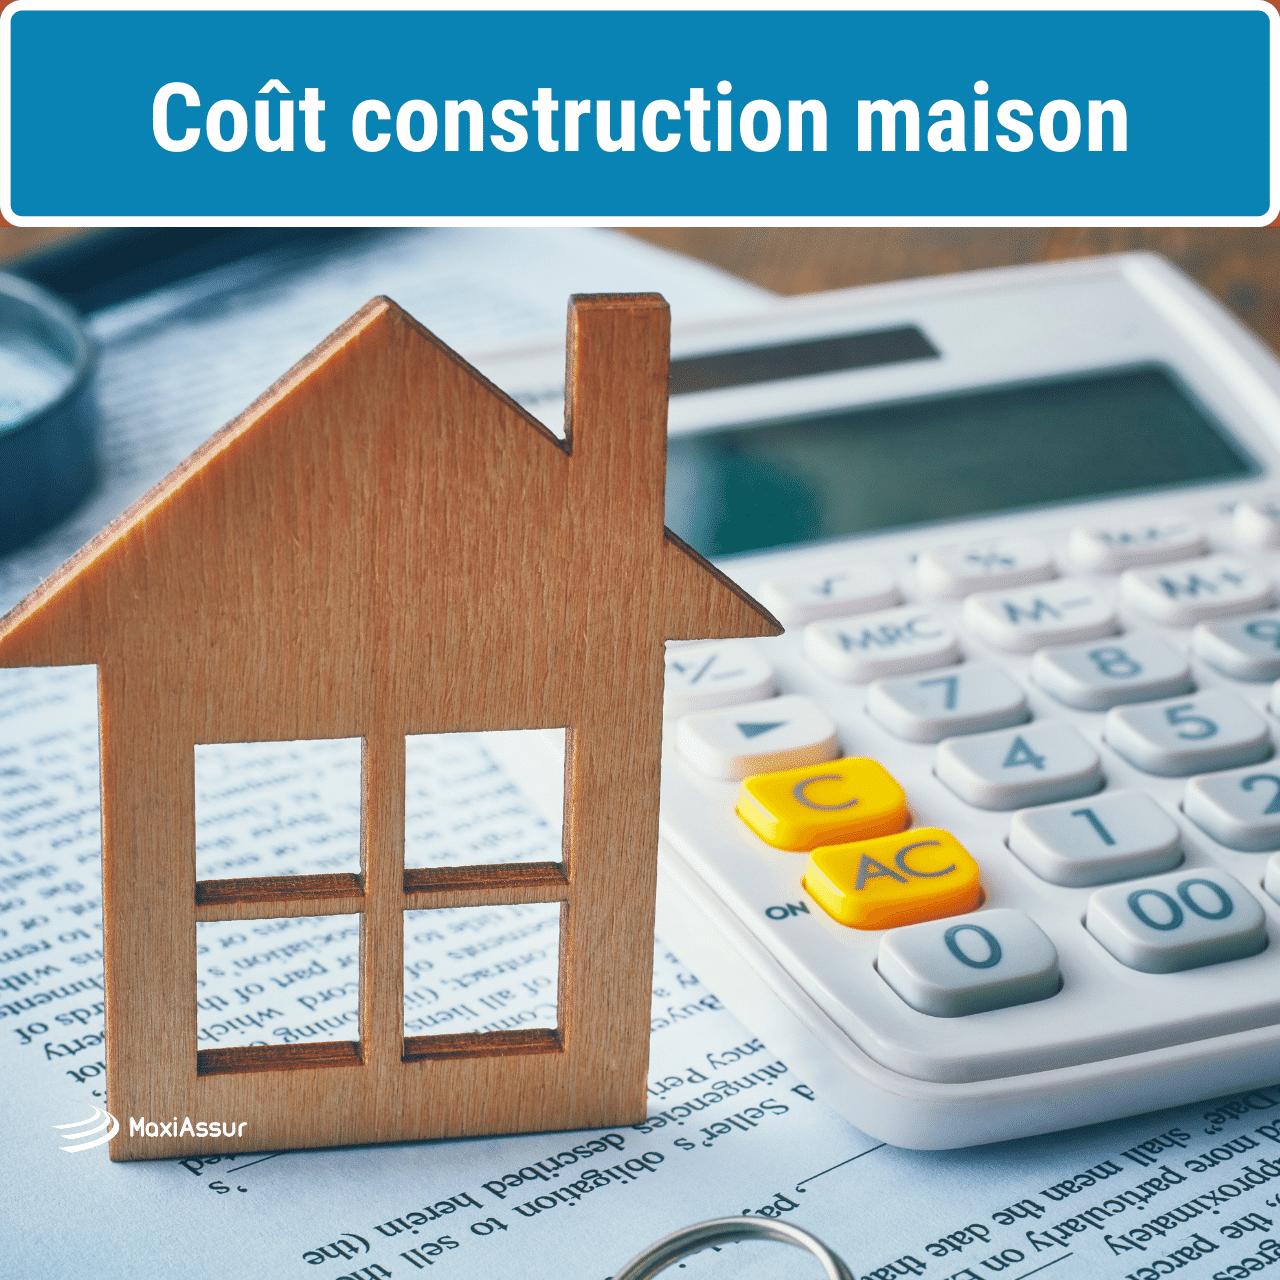 Cout construction maison